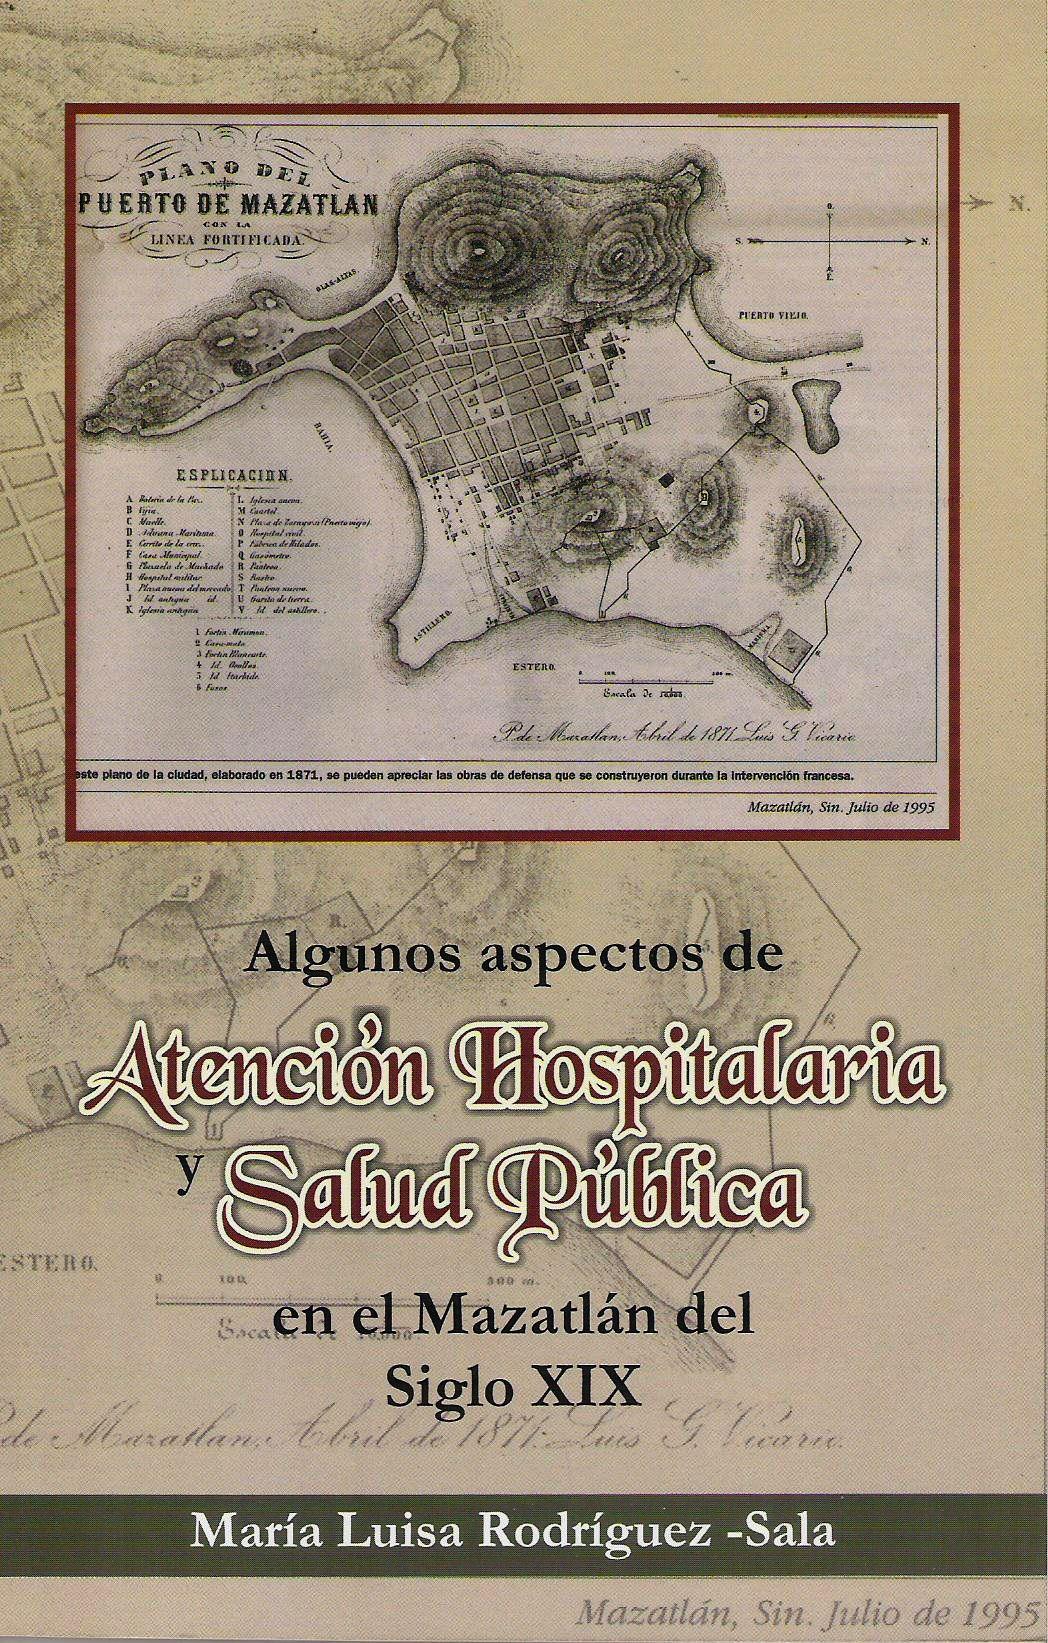 Algunos aspectos de atenci¢n hospitalaria y salud p£blica en el Mazatln del siglo XIX